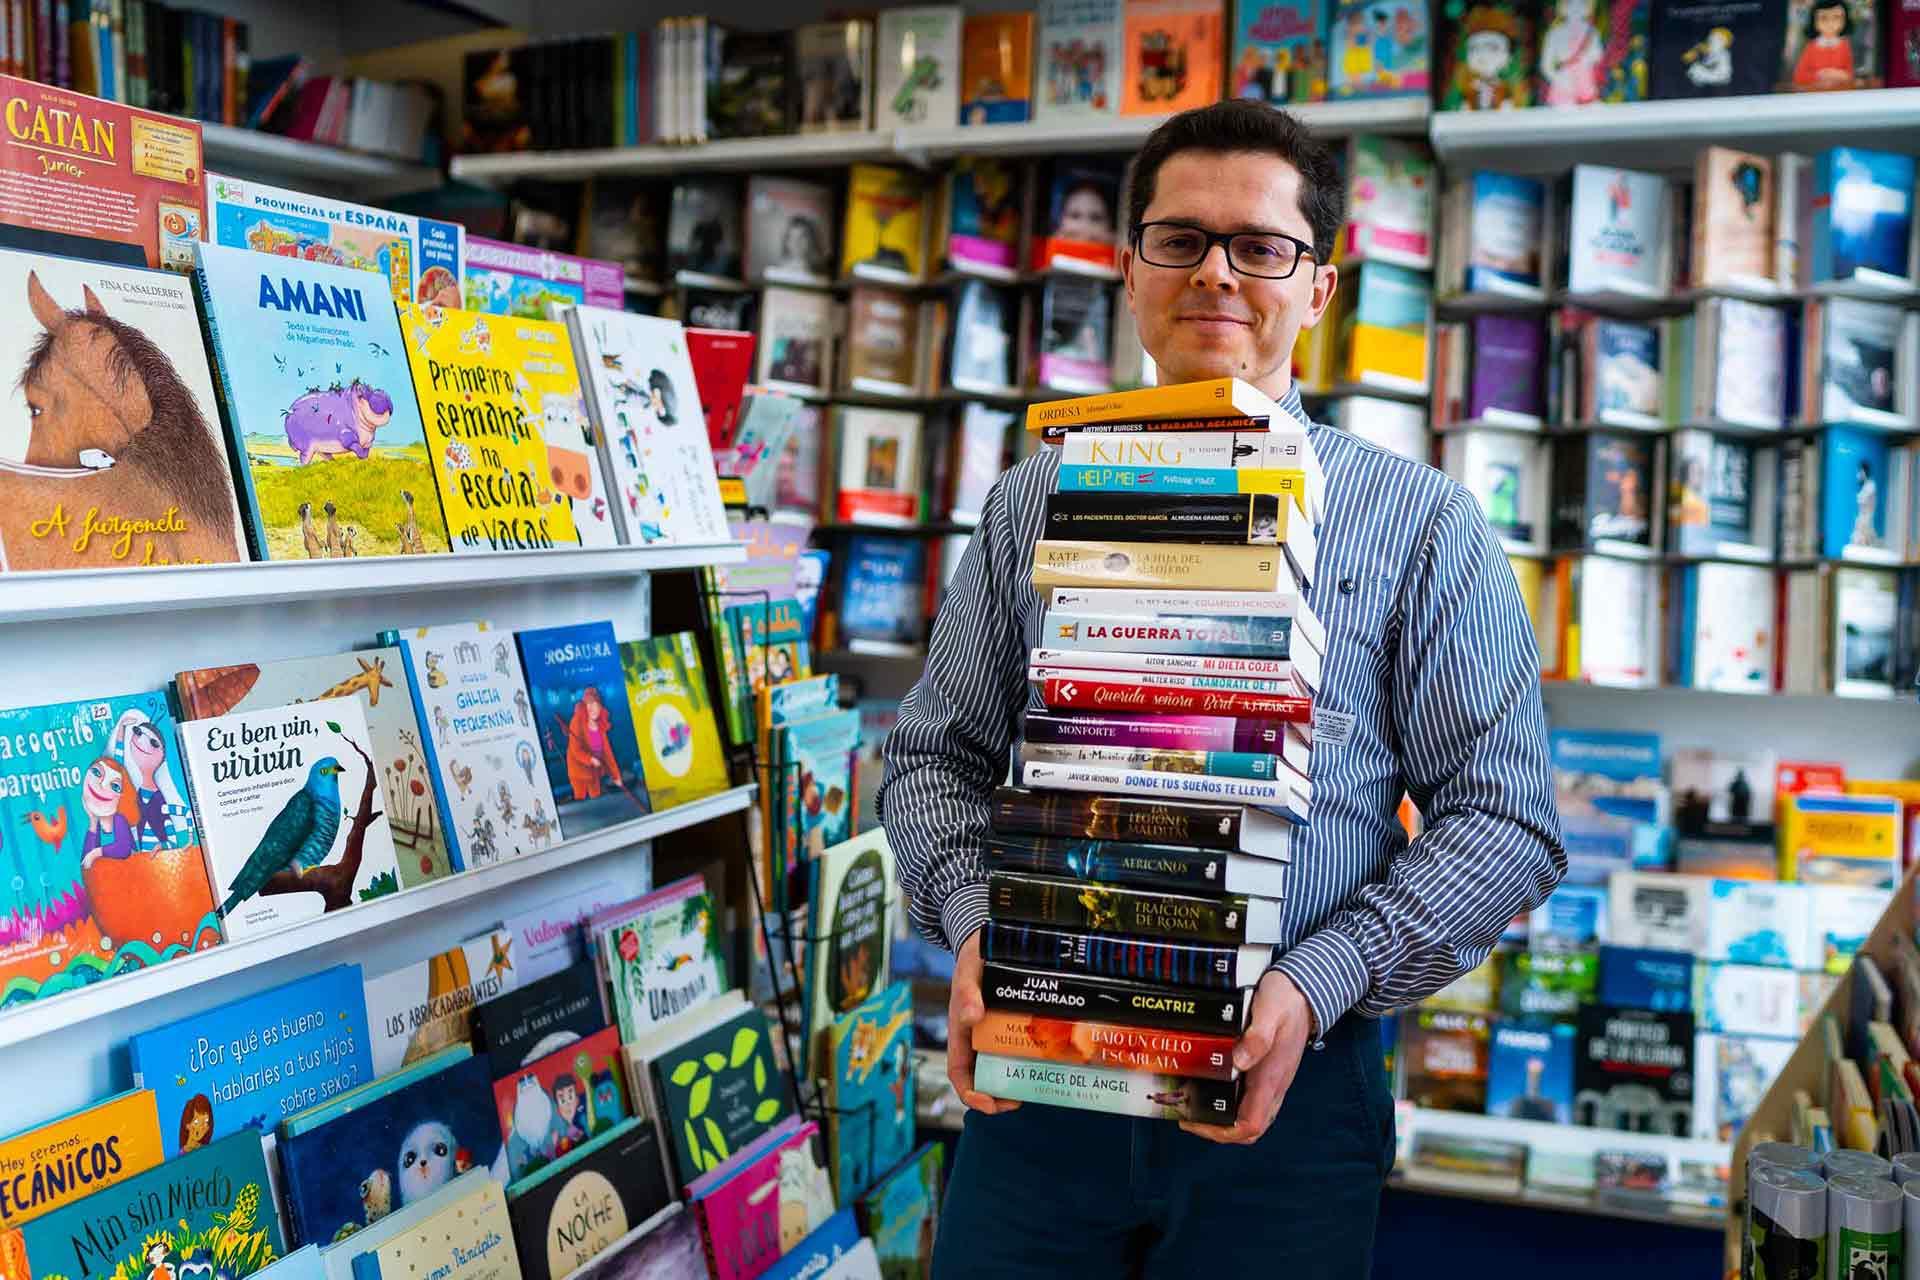 buscas una libreria en sanxenxo o en portonovo? En libreria Numara te asesorarmos segun tus gustos para que encuentres el libro más adecuado.